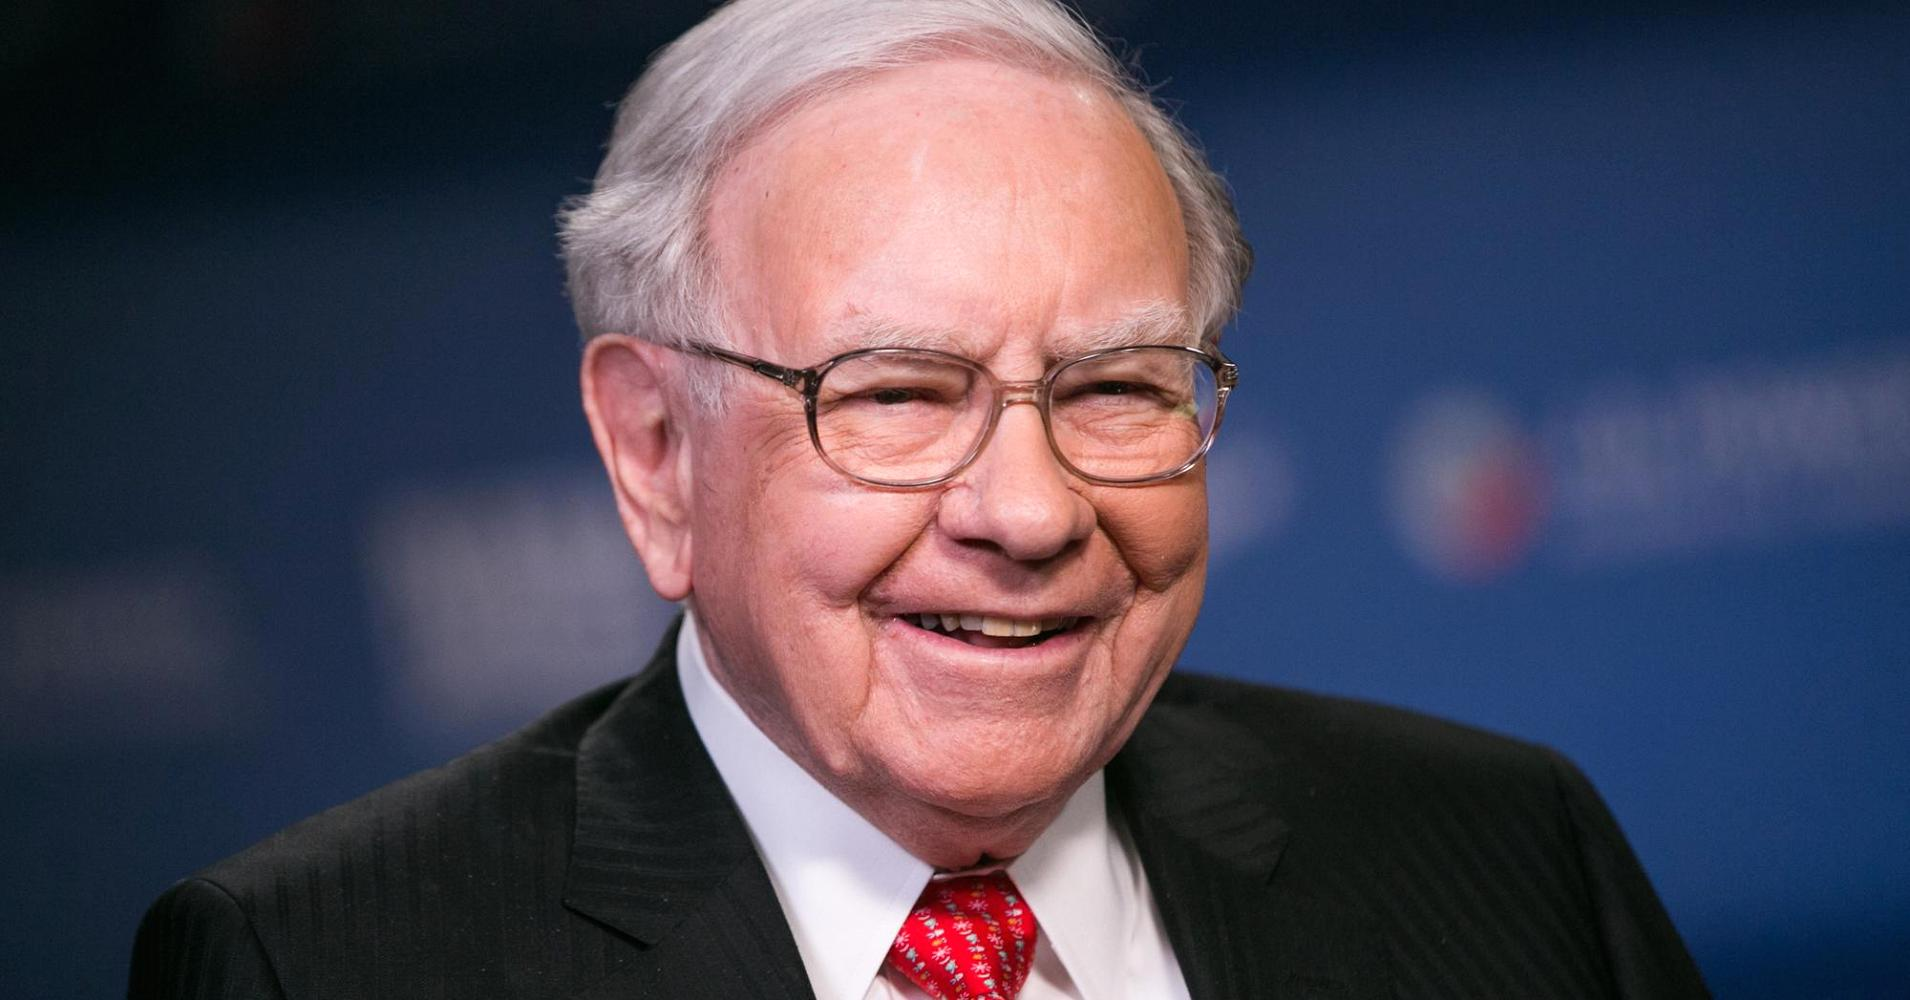 Warren Buffett's Berkshire Hathaway Now Third Largest Apple Shareholder